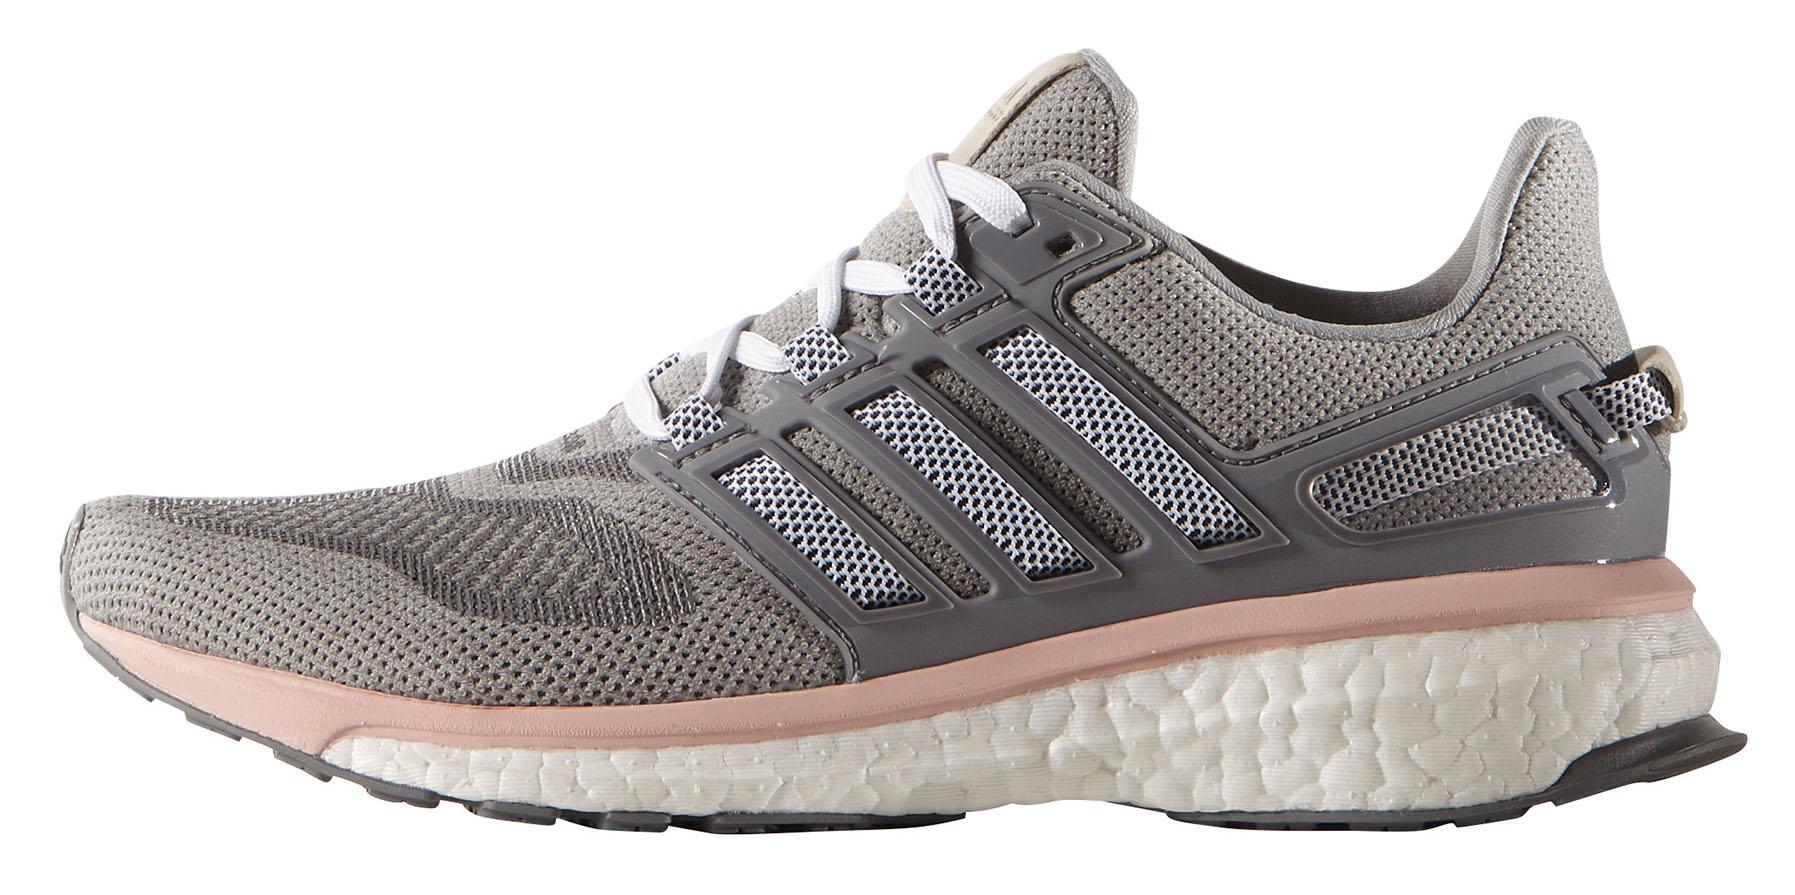 Adidas Damen Laufschuh Neutral energy boost 3 Grau - AQ5962